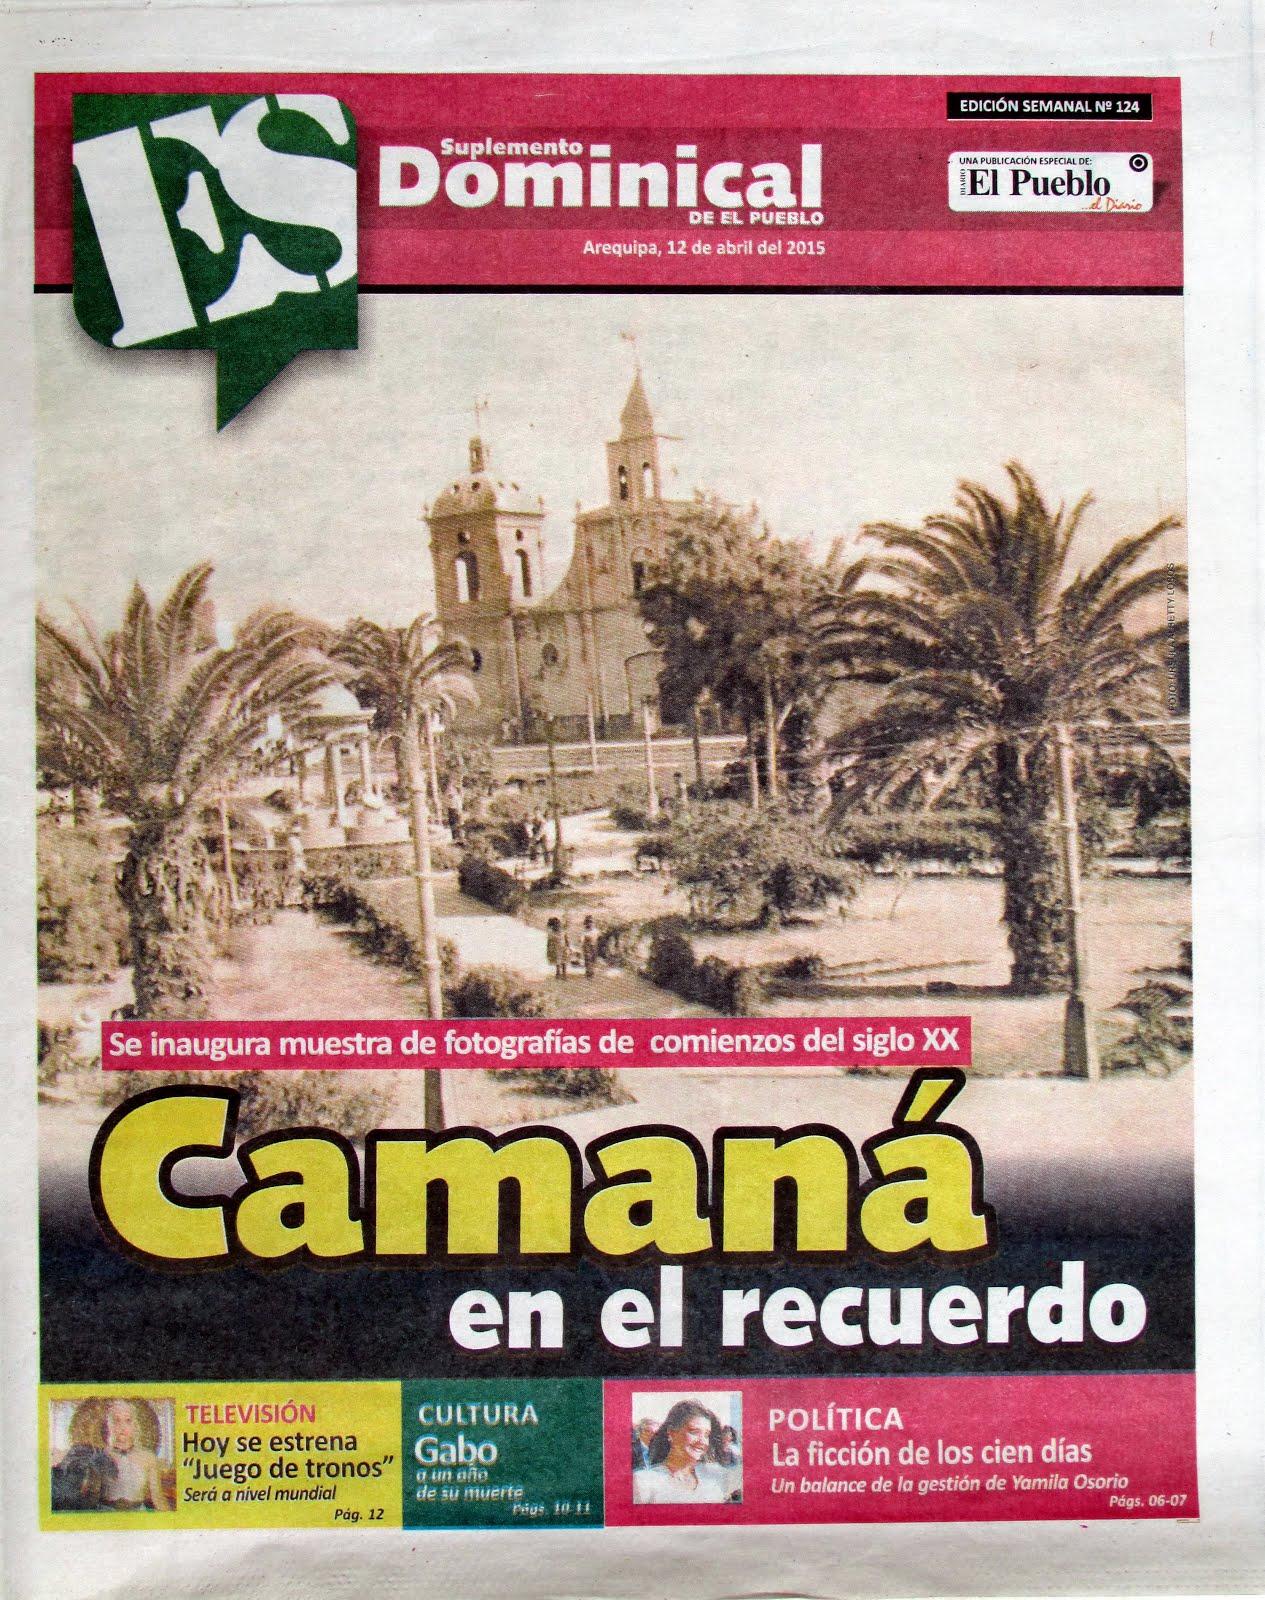 Diario El Pueblo, Suplemento Dominical. 12 de abril 2015 - 01